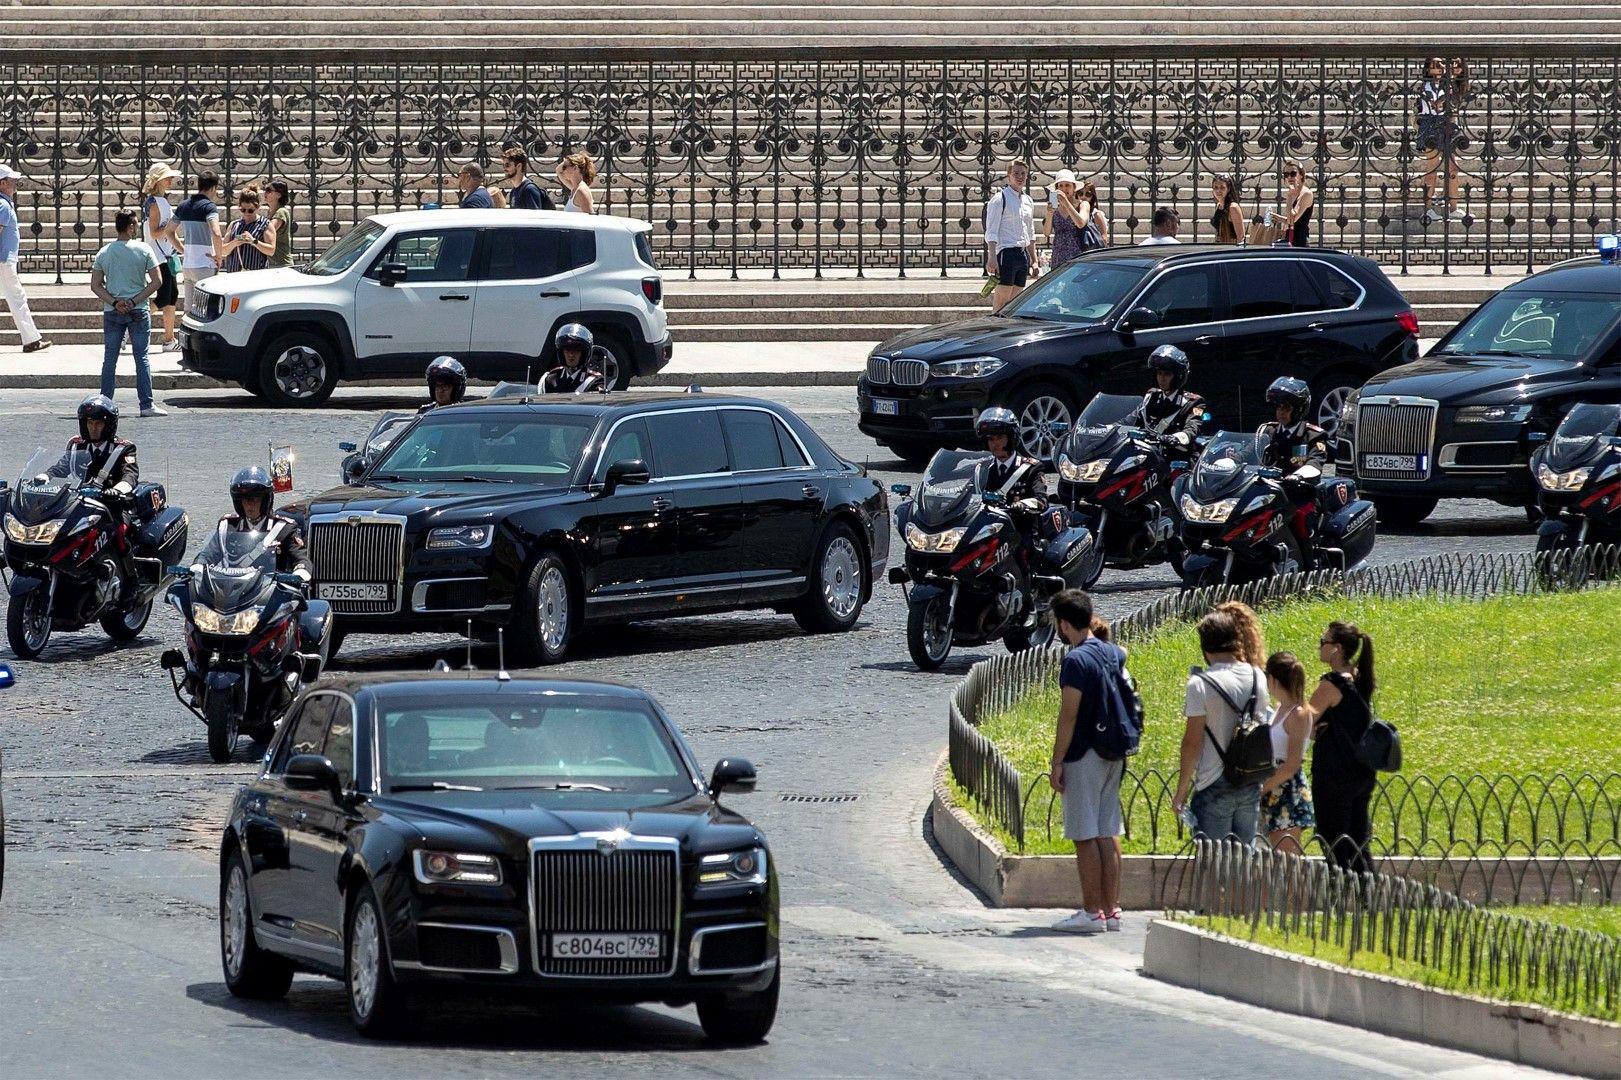 """Кортежът на Владимир Путин преминава през площад """"Венеция"""" в Рим на път за Ватикана за среща с папа Франциск"""